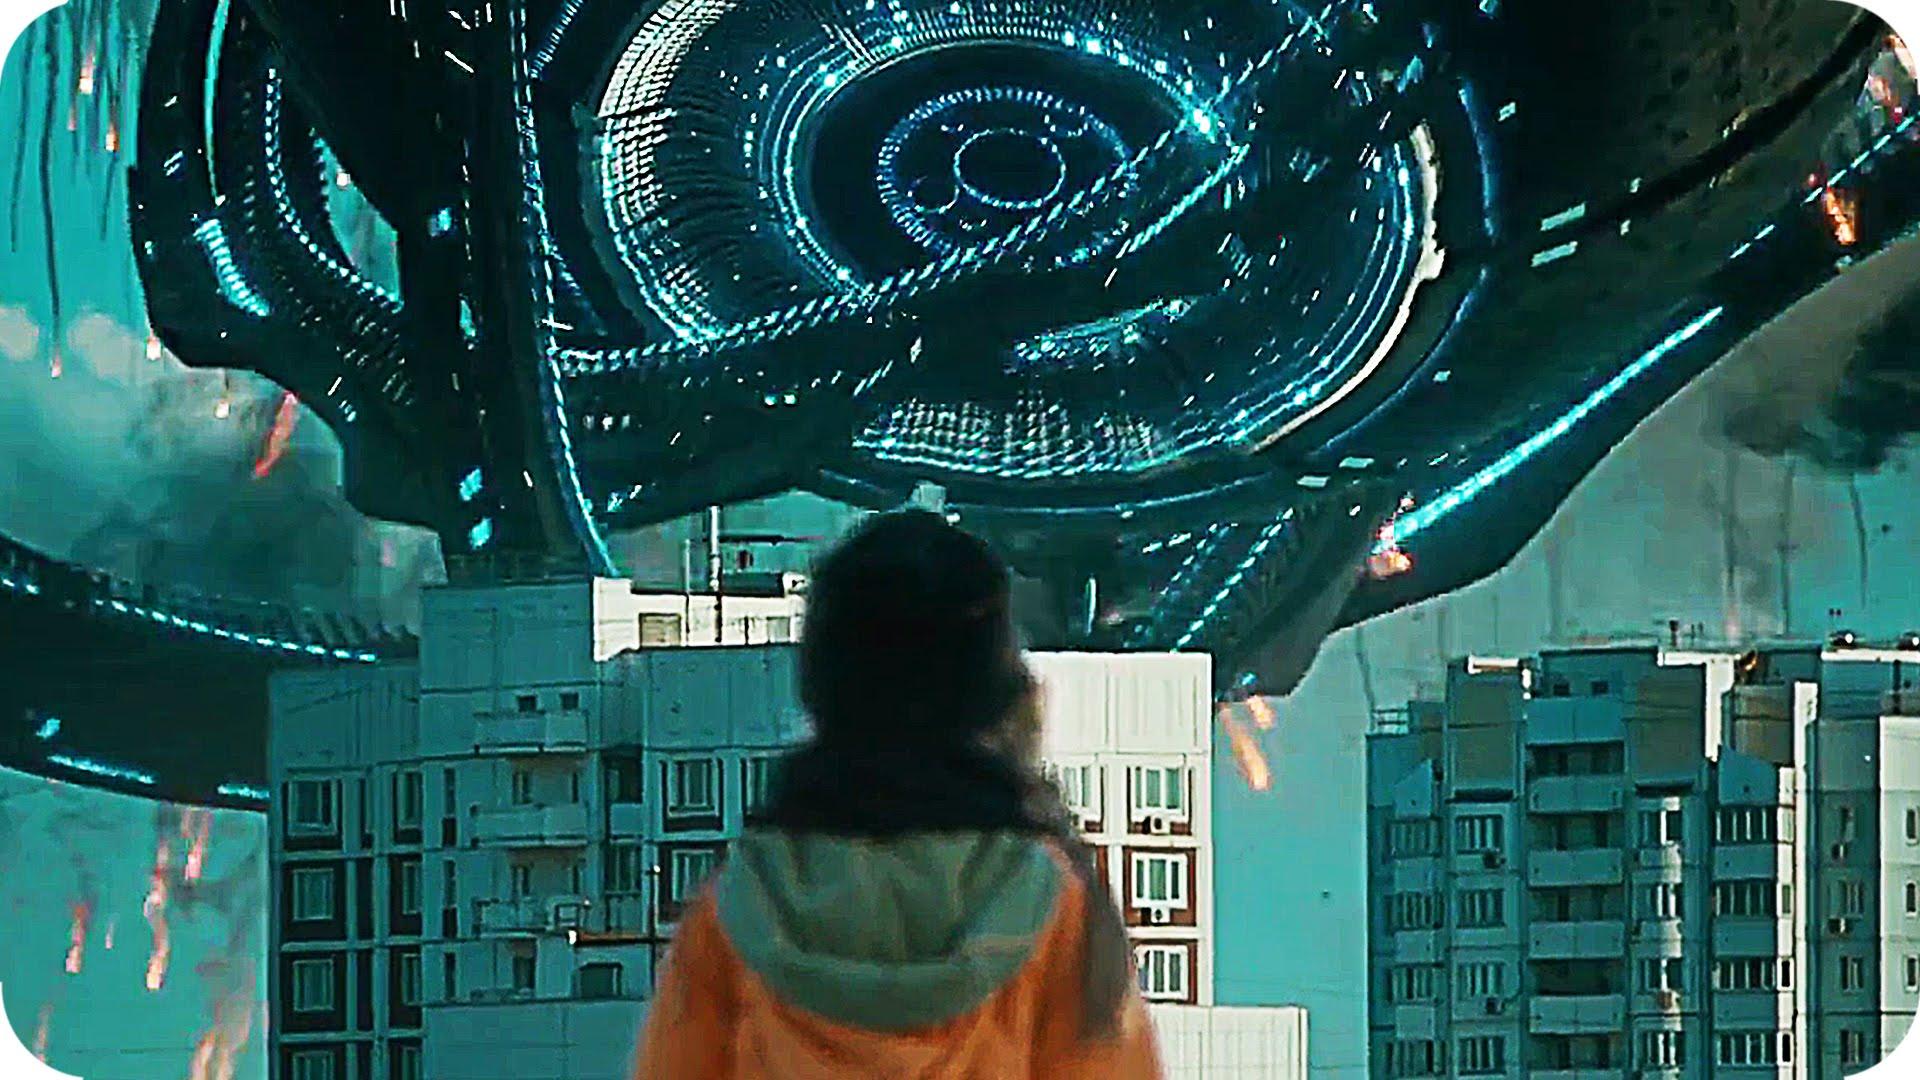 دانلود فیلم Singularity 2017